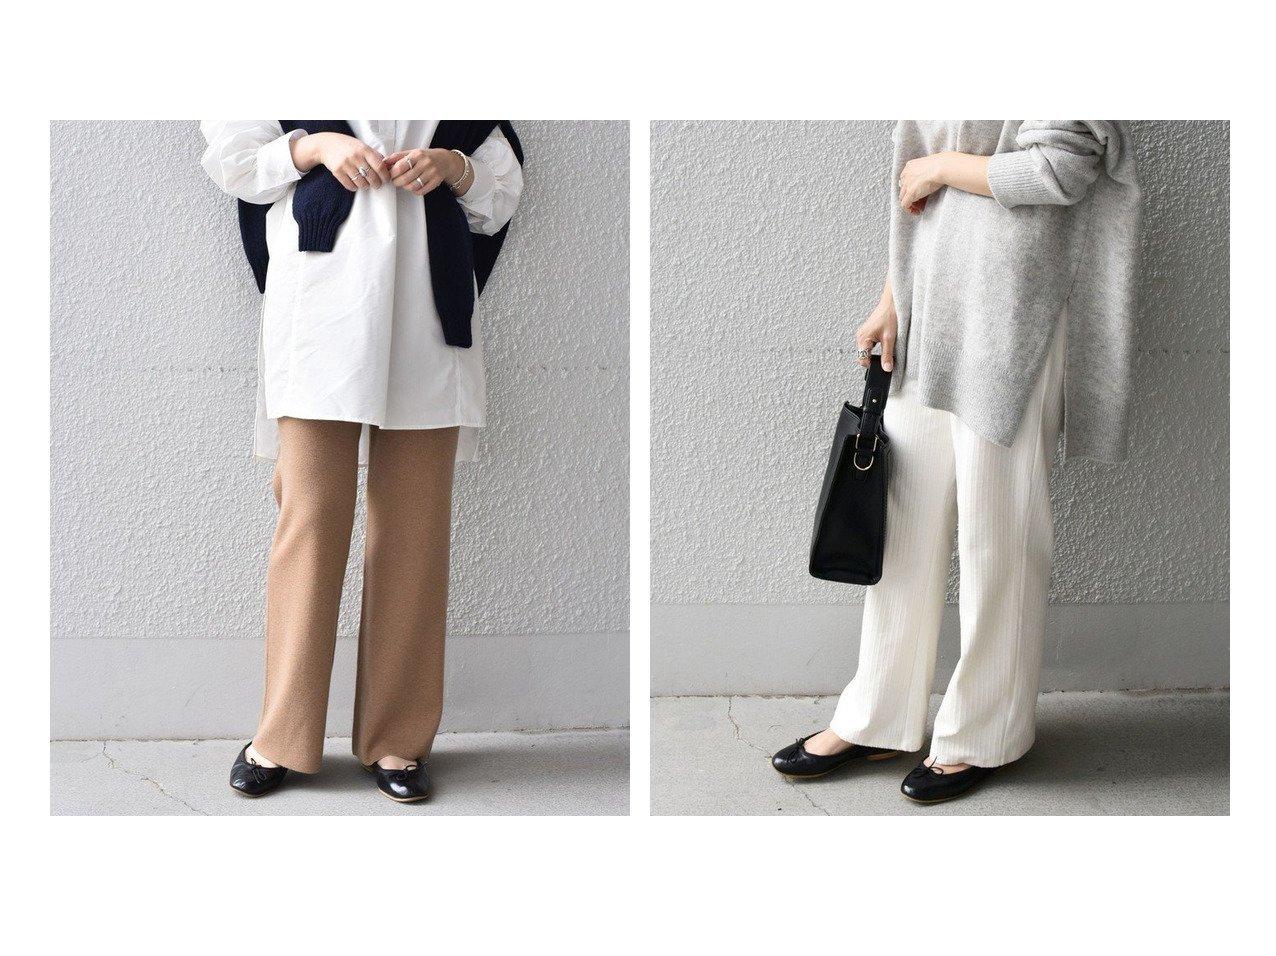 【SHIPS any/シップス エニィ】のSHIPS any コーデュロイ ジャージ パンツ&SHIPS any ミラノリブ パンツ パンツのおすすめ!人気トレンド・レディースファッションの通販 おすすめで人気のファッション通販商品 インテリア・家具・キッズファッション・メンズファッション・レディースファッション・服の通販 founy(ファニー) https://founy.com/ ファッション Fashion レディース WOMEN パンツ Pants 秋 コーデュロイ ジャージ ストレッチ ストレート 人気 ビッグ ポケット ワイド 冬 Winter フラット ミラノリブ |ID:crp329100000007241